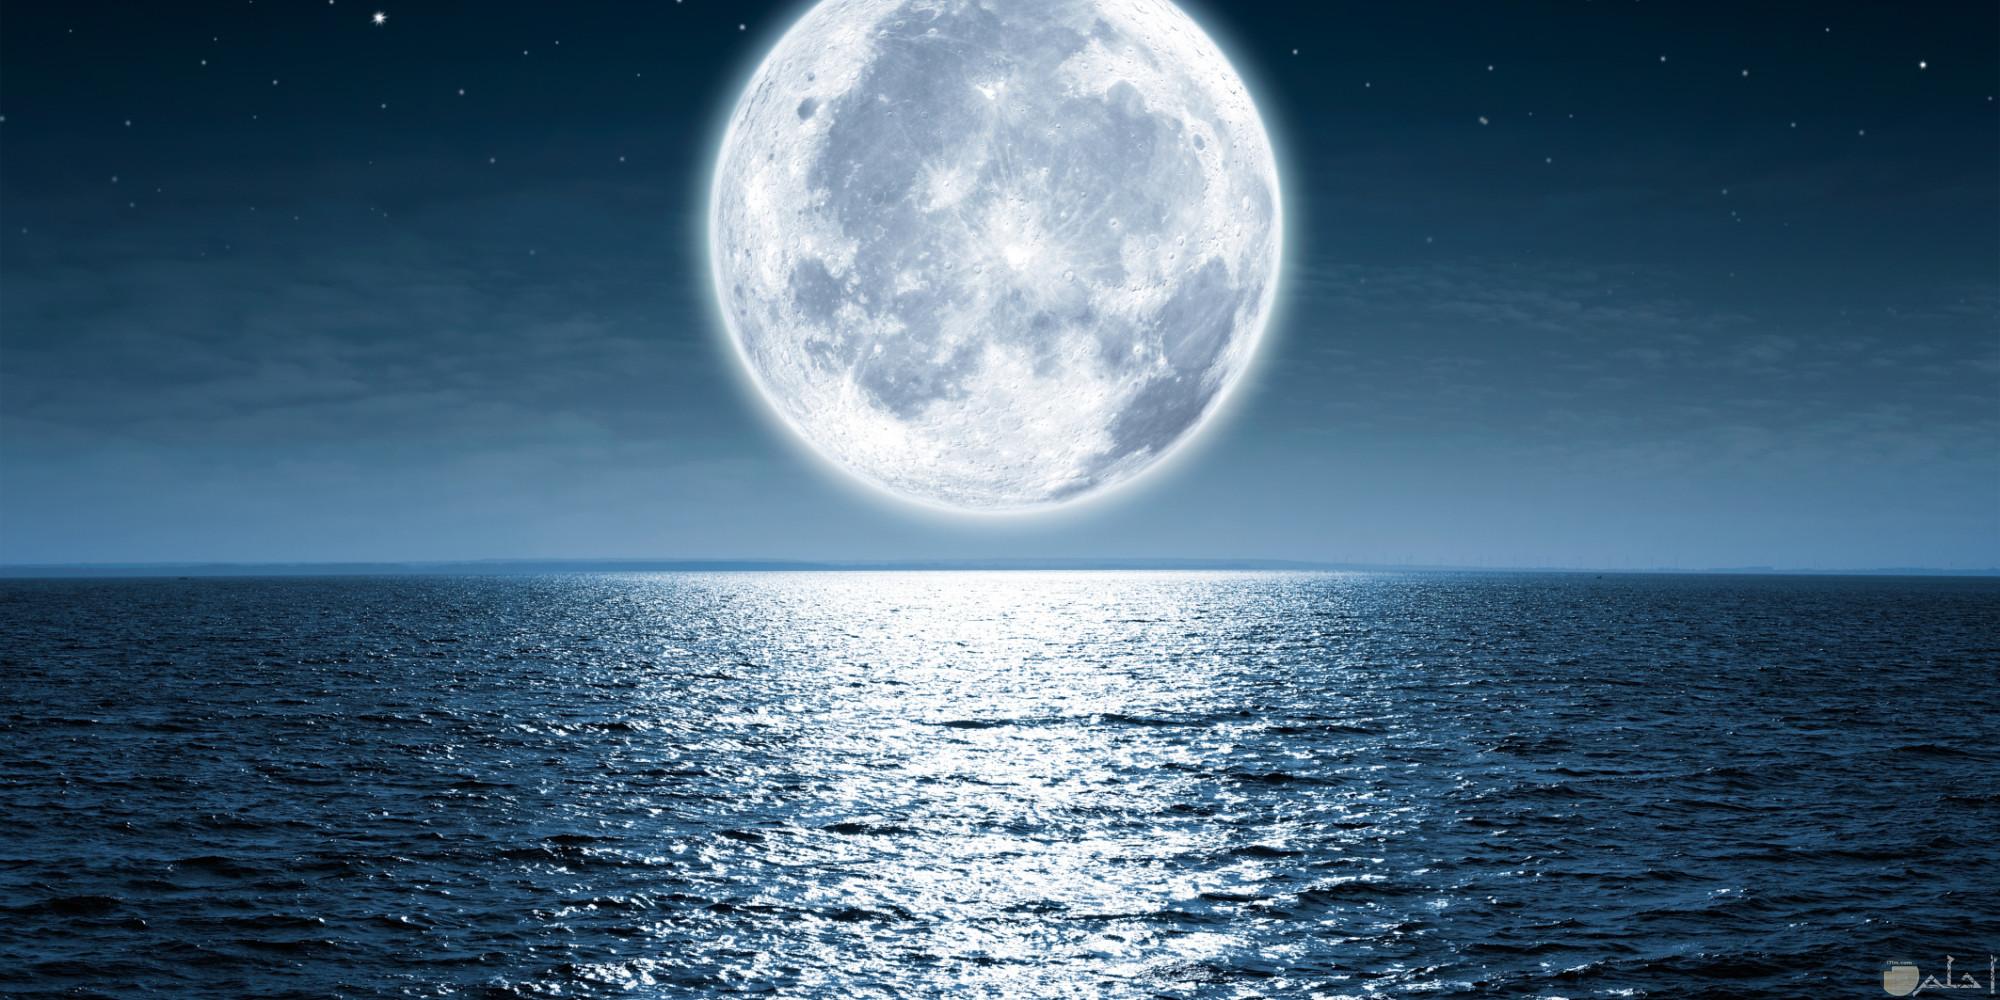 صورة للبحر و القمر معاً خلفية للفيس بوك.